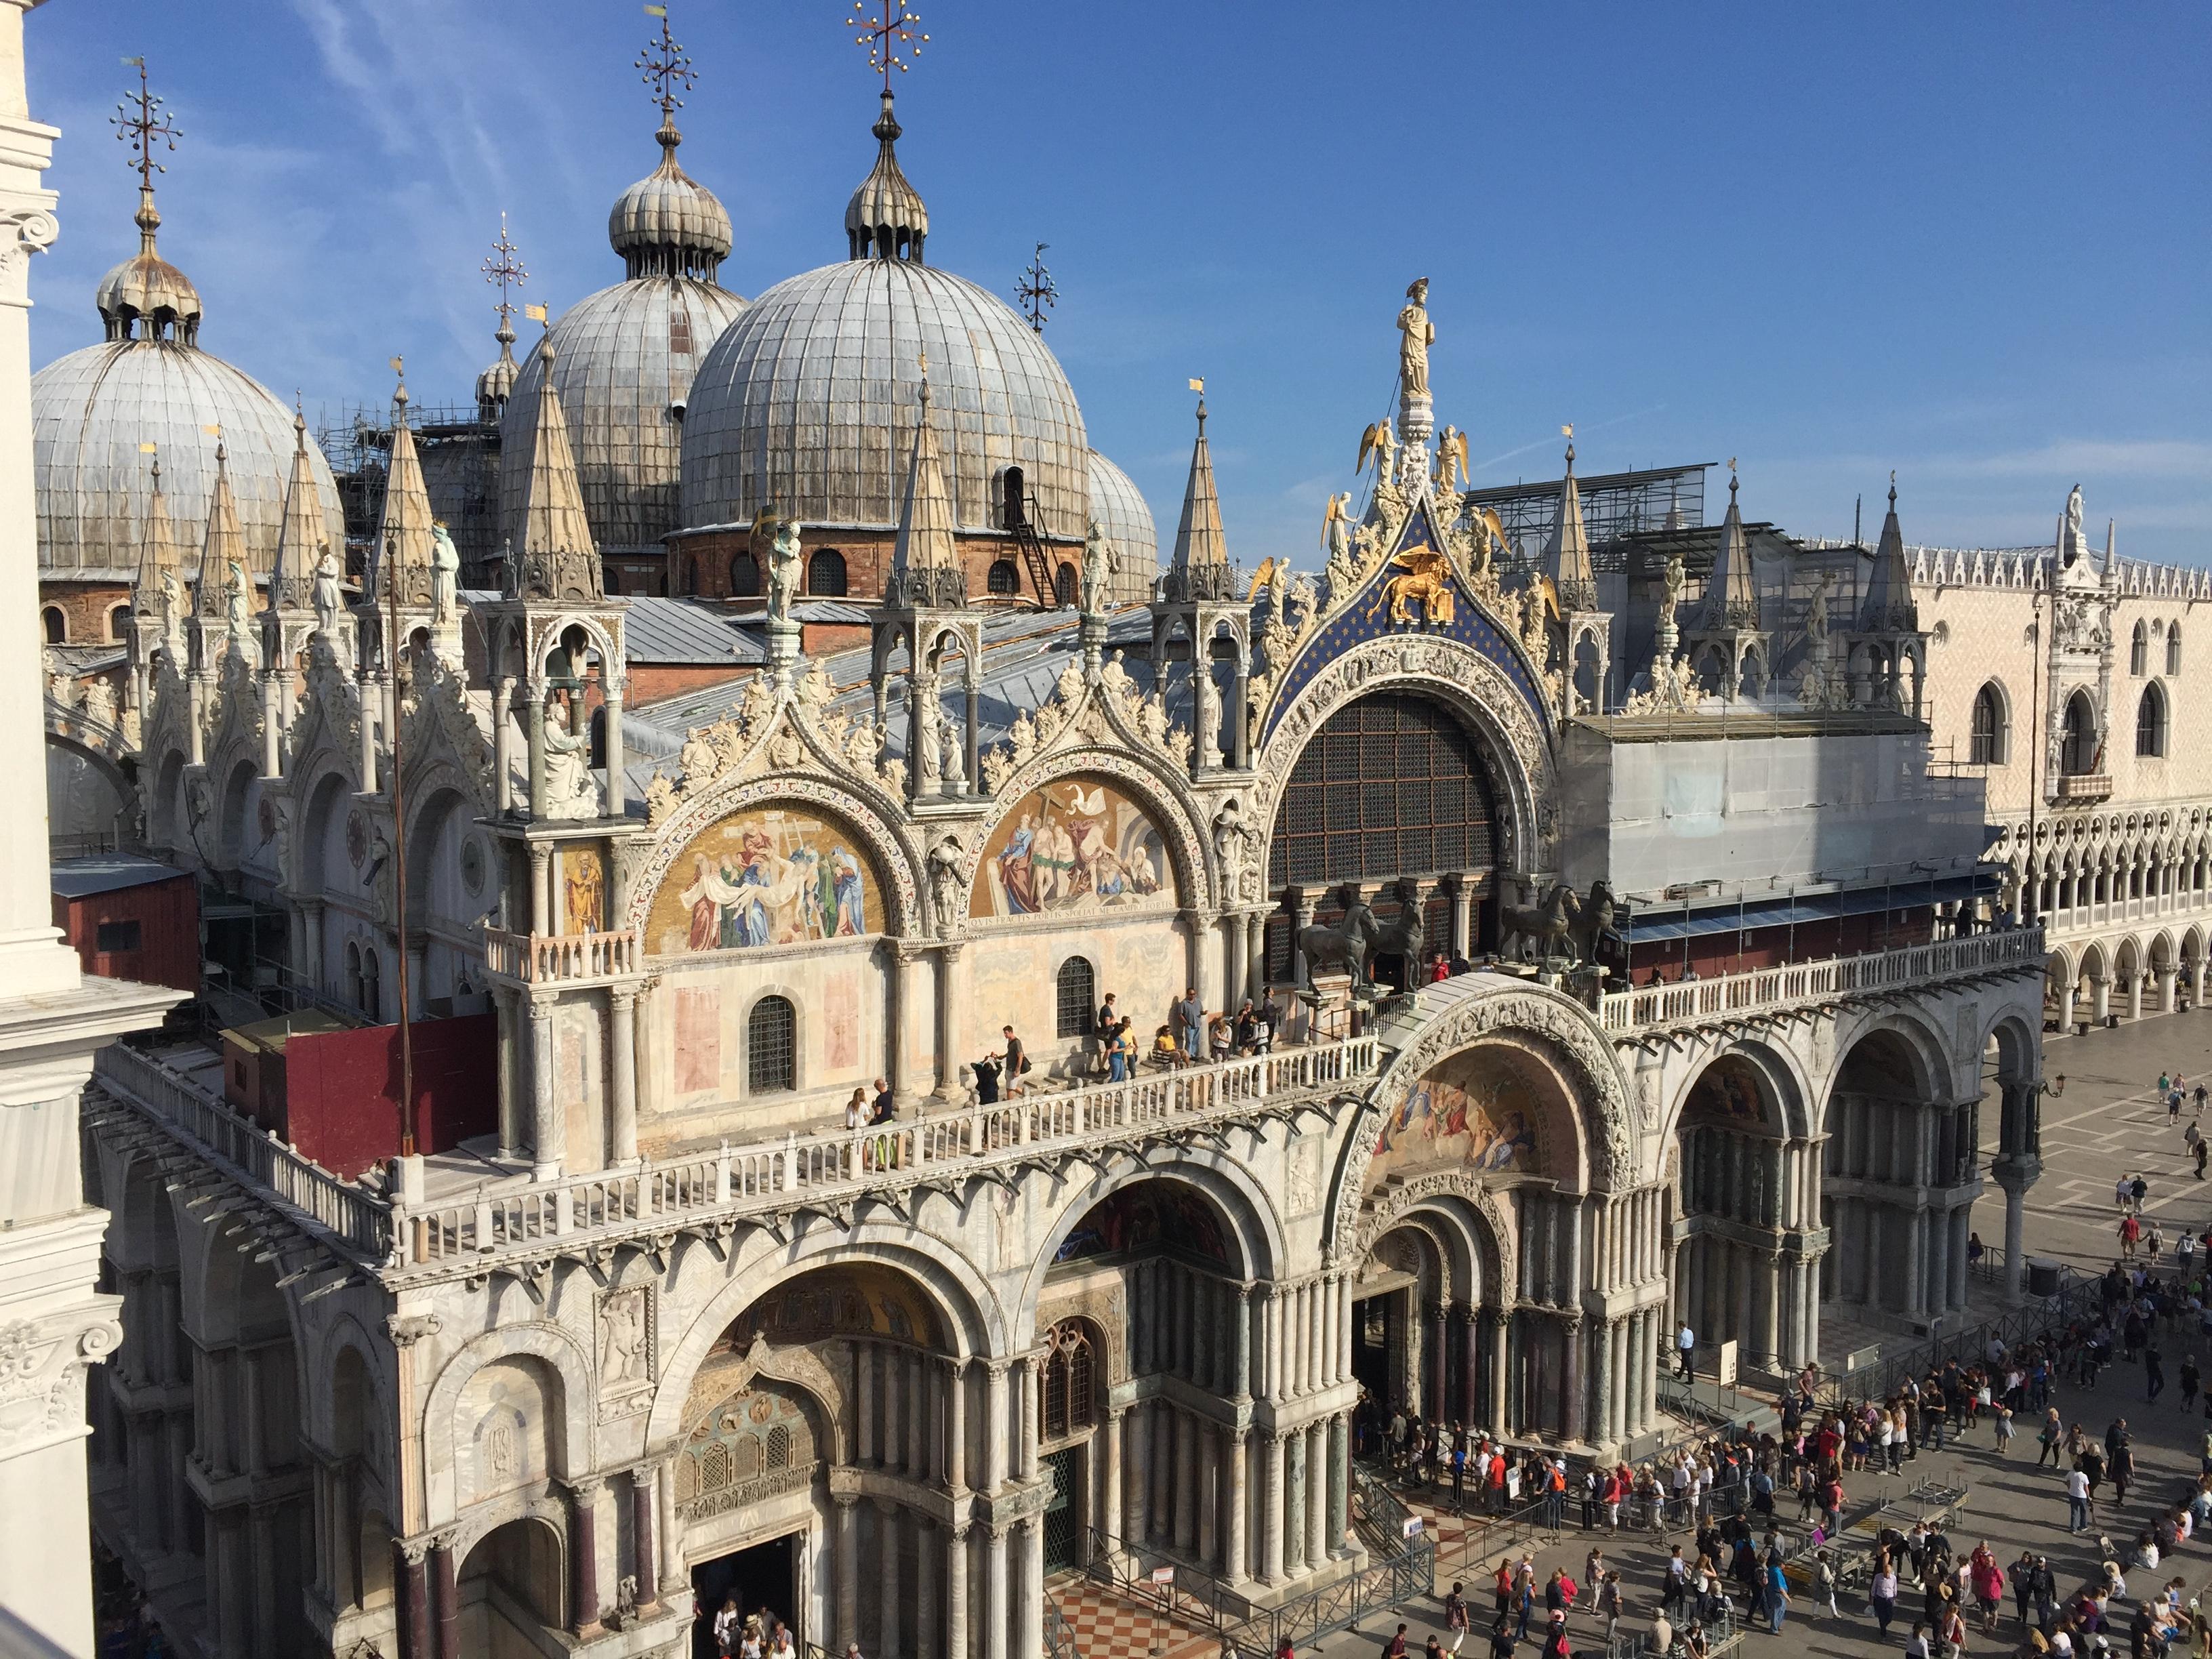 img 1572 - Subiendo al reloj astronómico de Venecia y Panoramica de la Piazza San Marcos